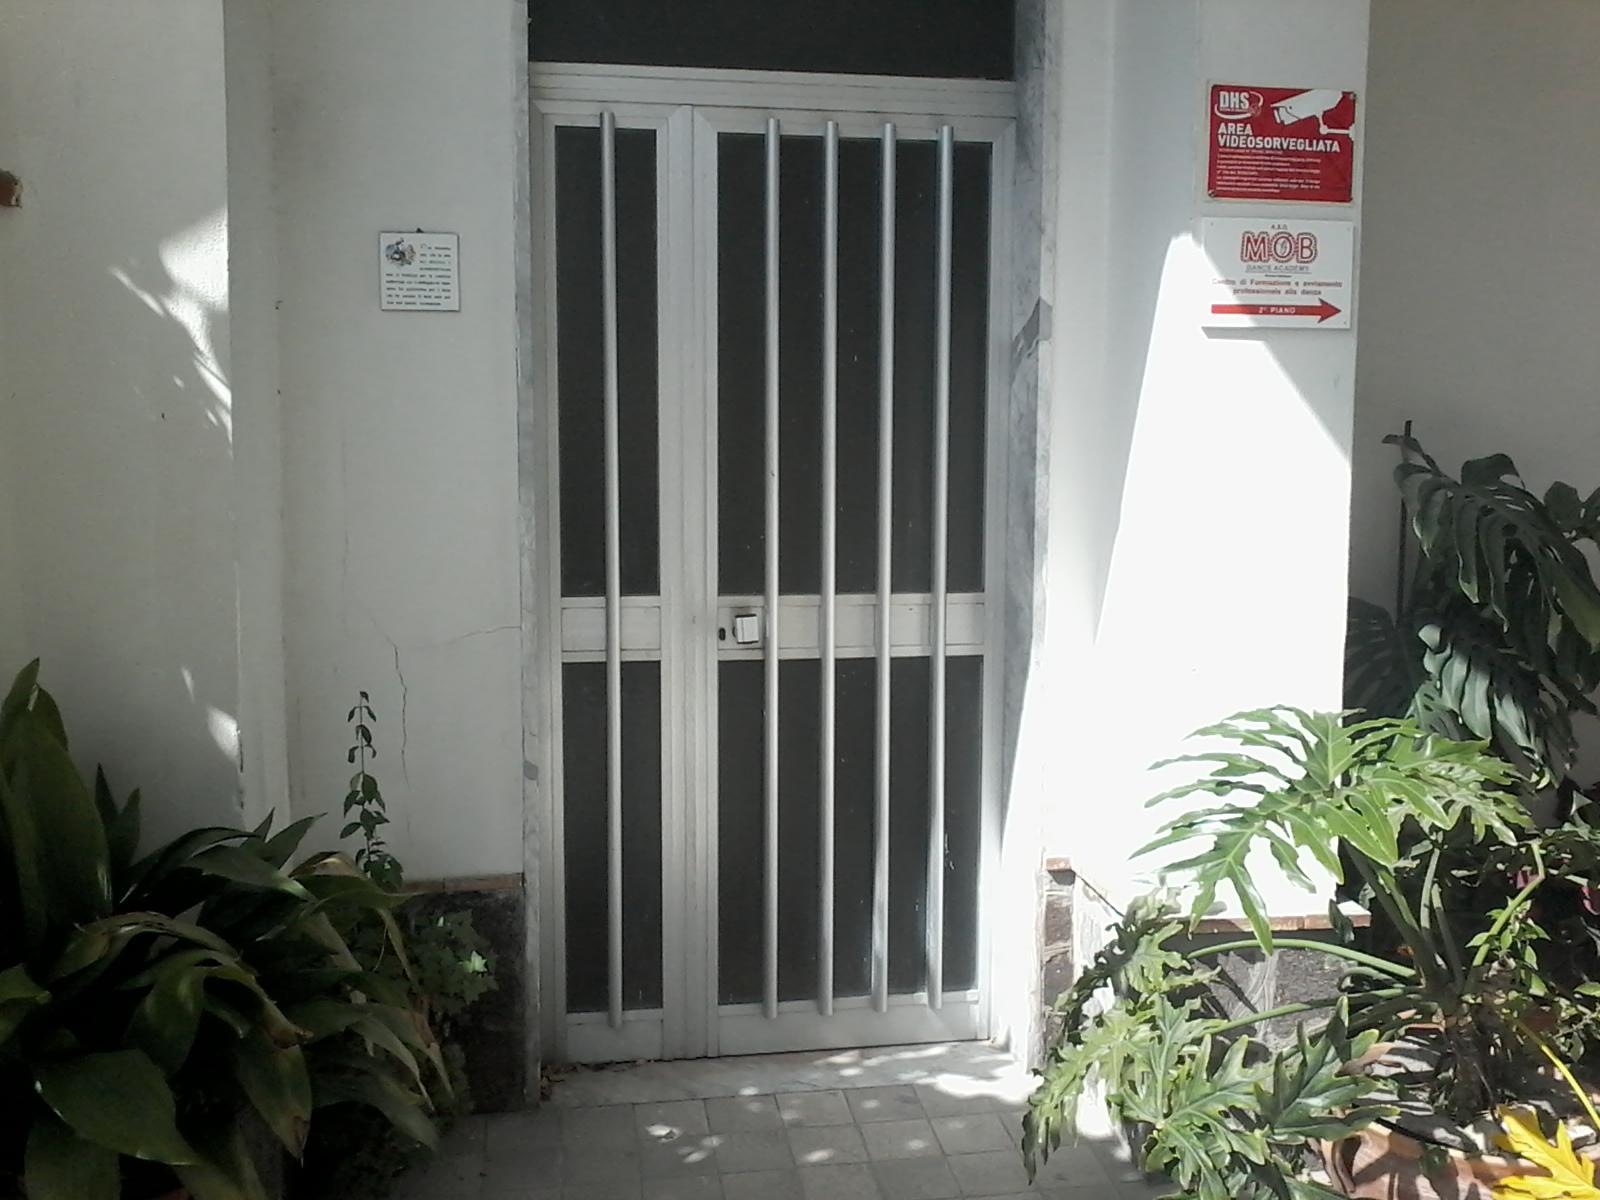 Ufficio / Studio in affitto a Mariglianella, 9999 locali, prezzo € 350 | Cambio Casa.it